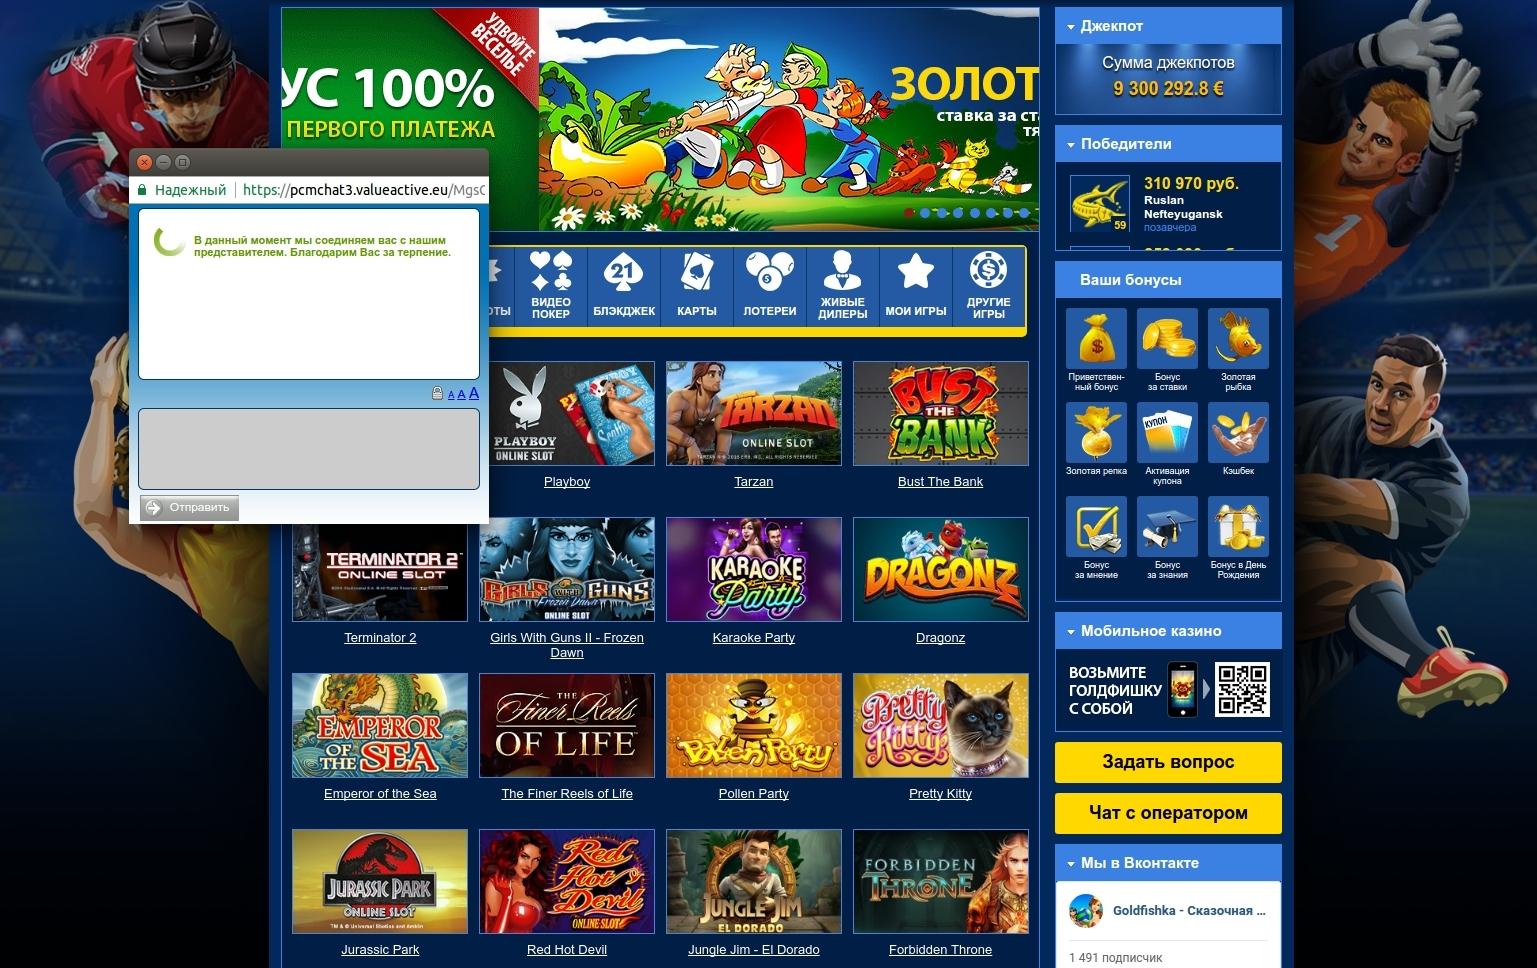 Голдфишка казино онлайн играть